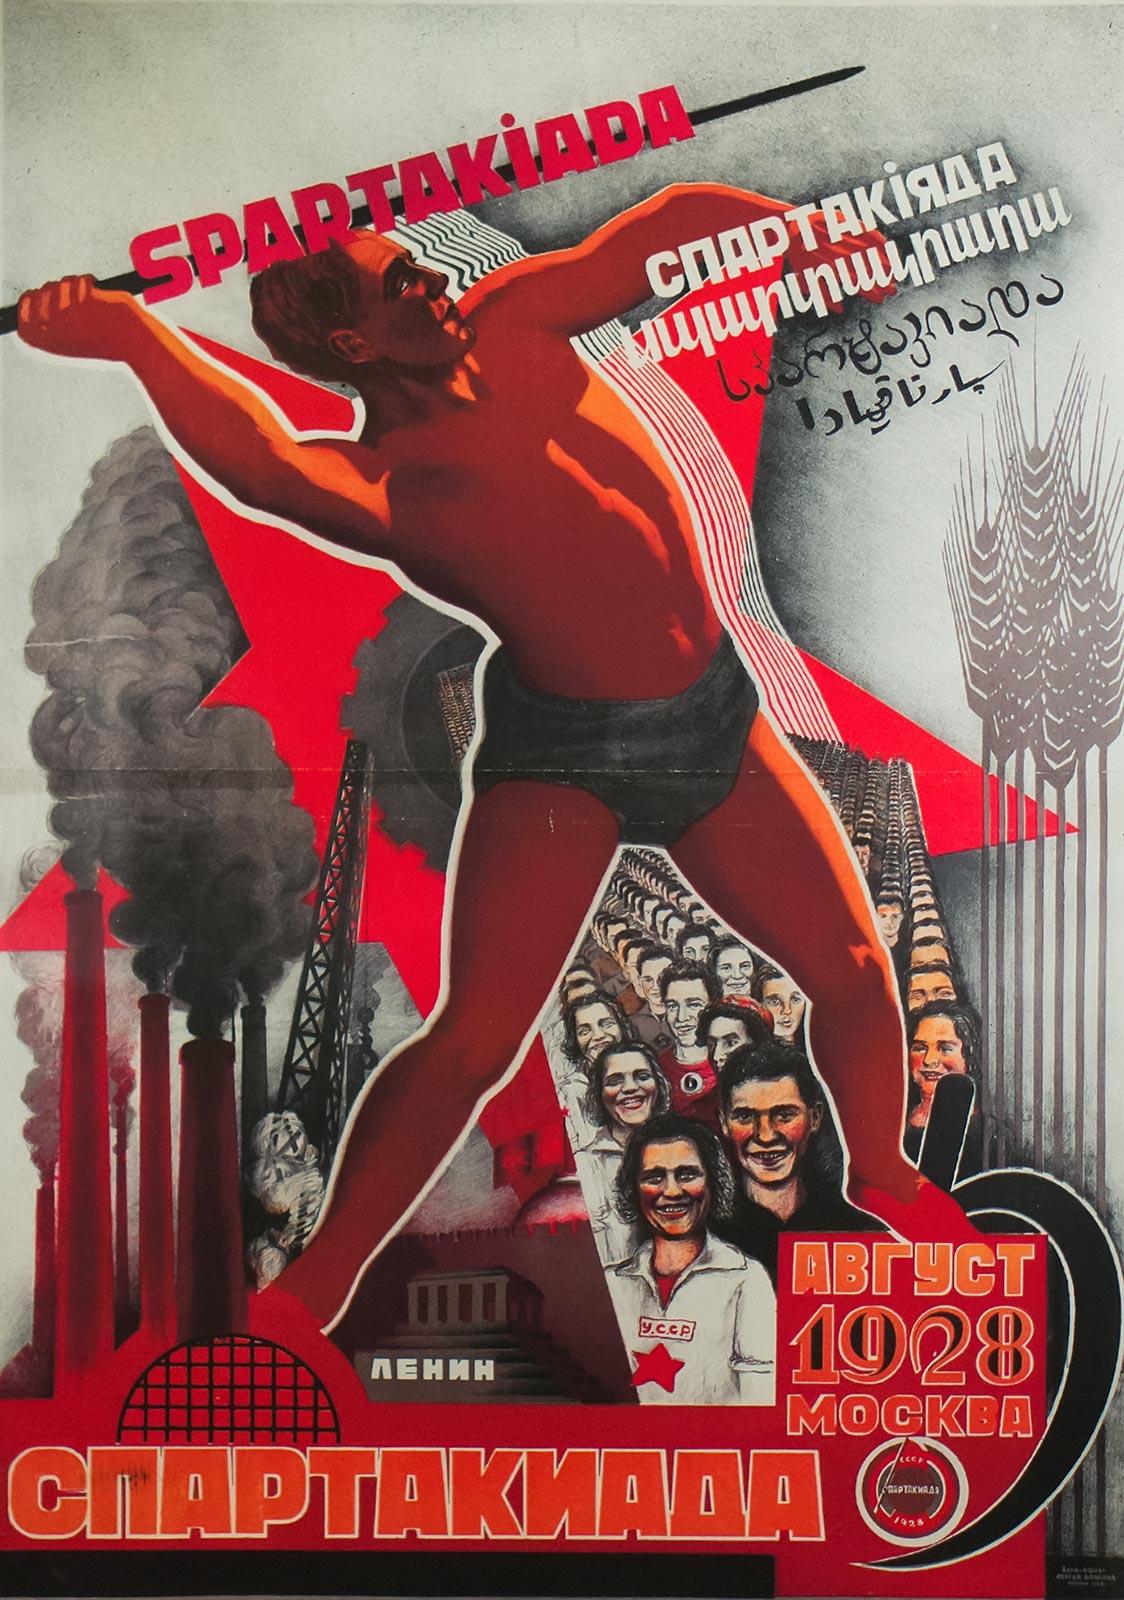 Фото №143732. Спартакиада. Москва. Август 1928